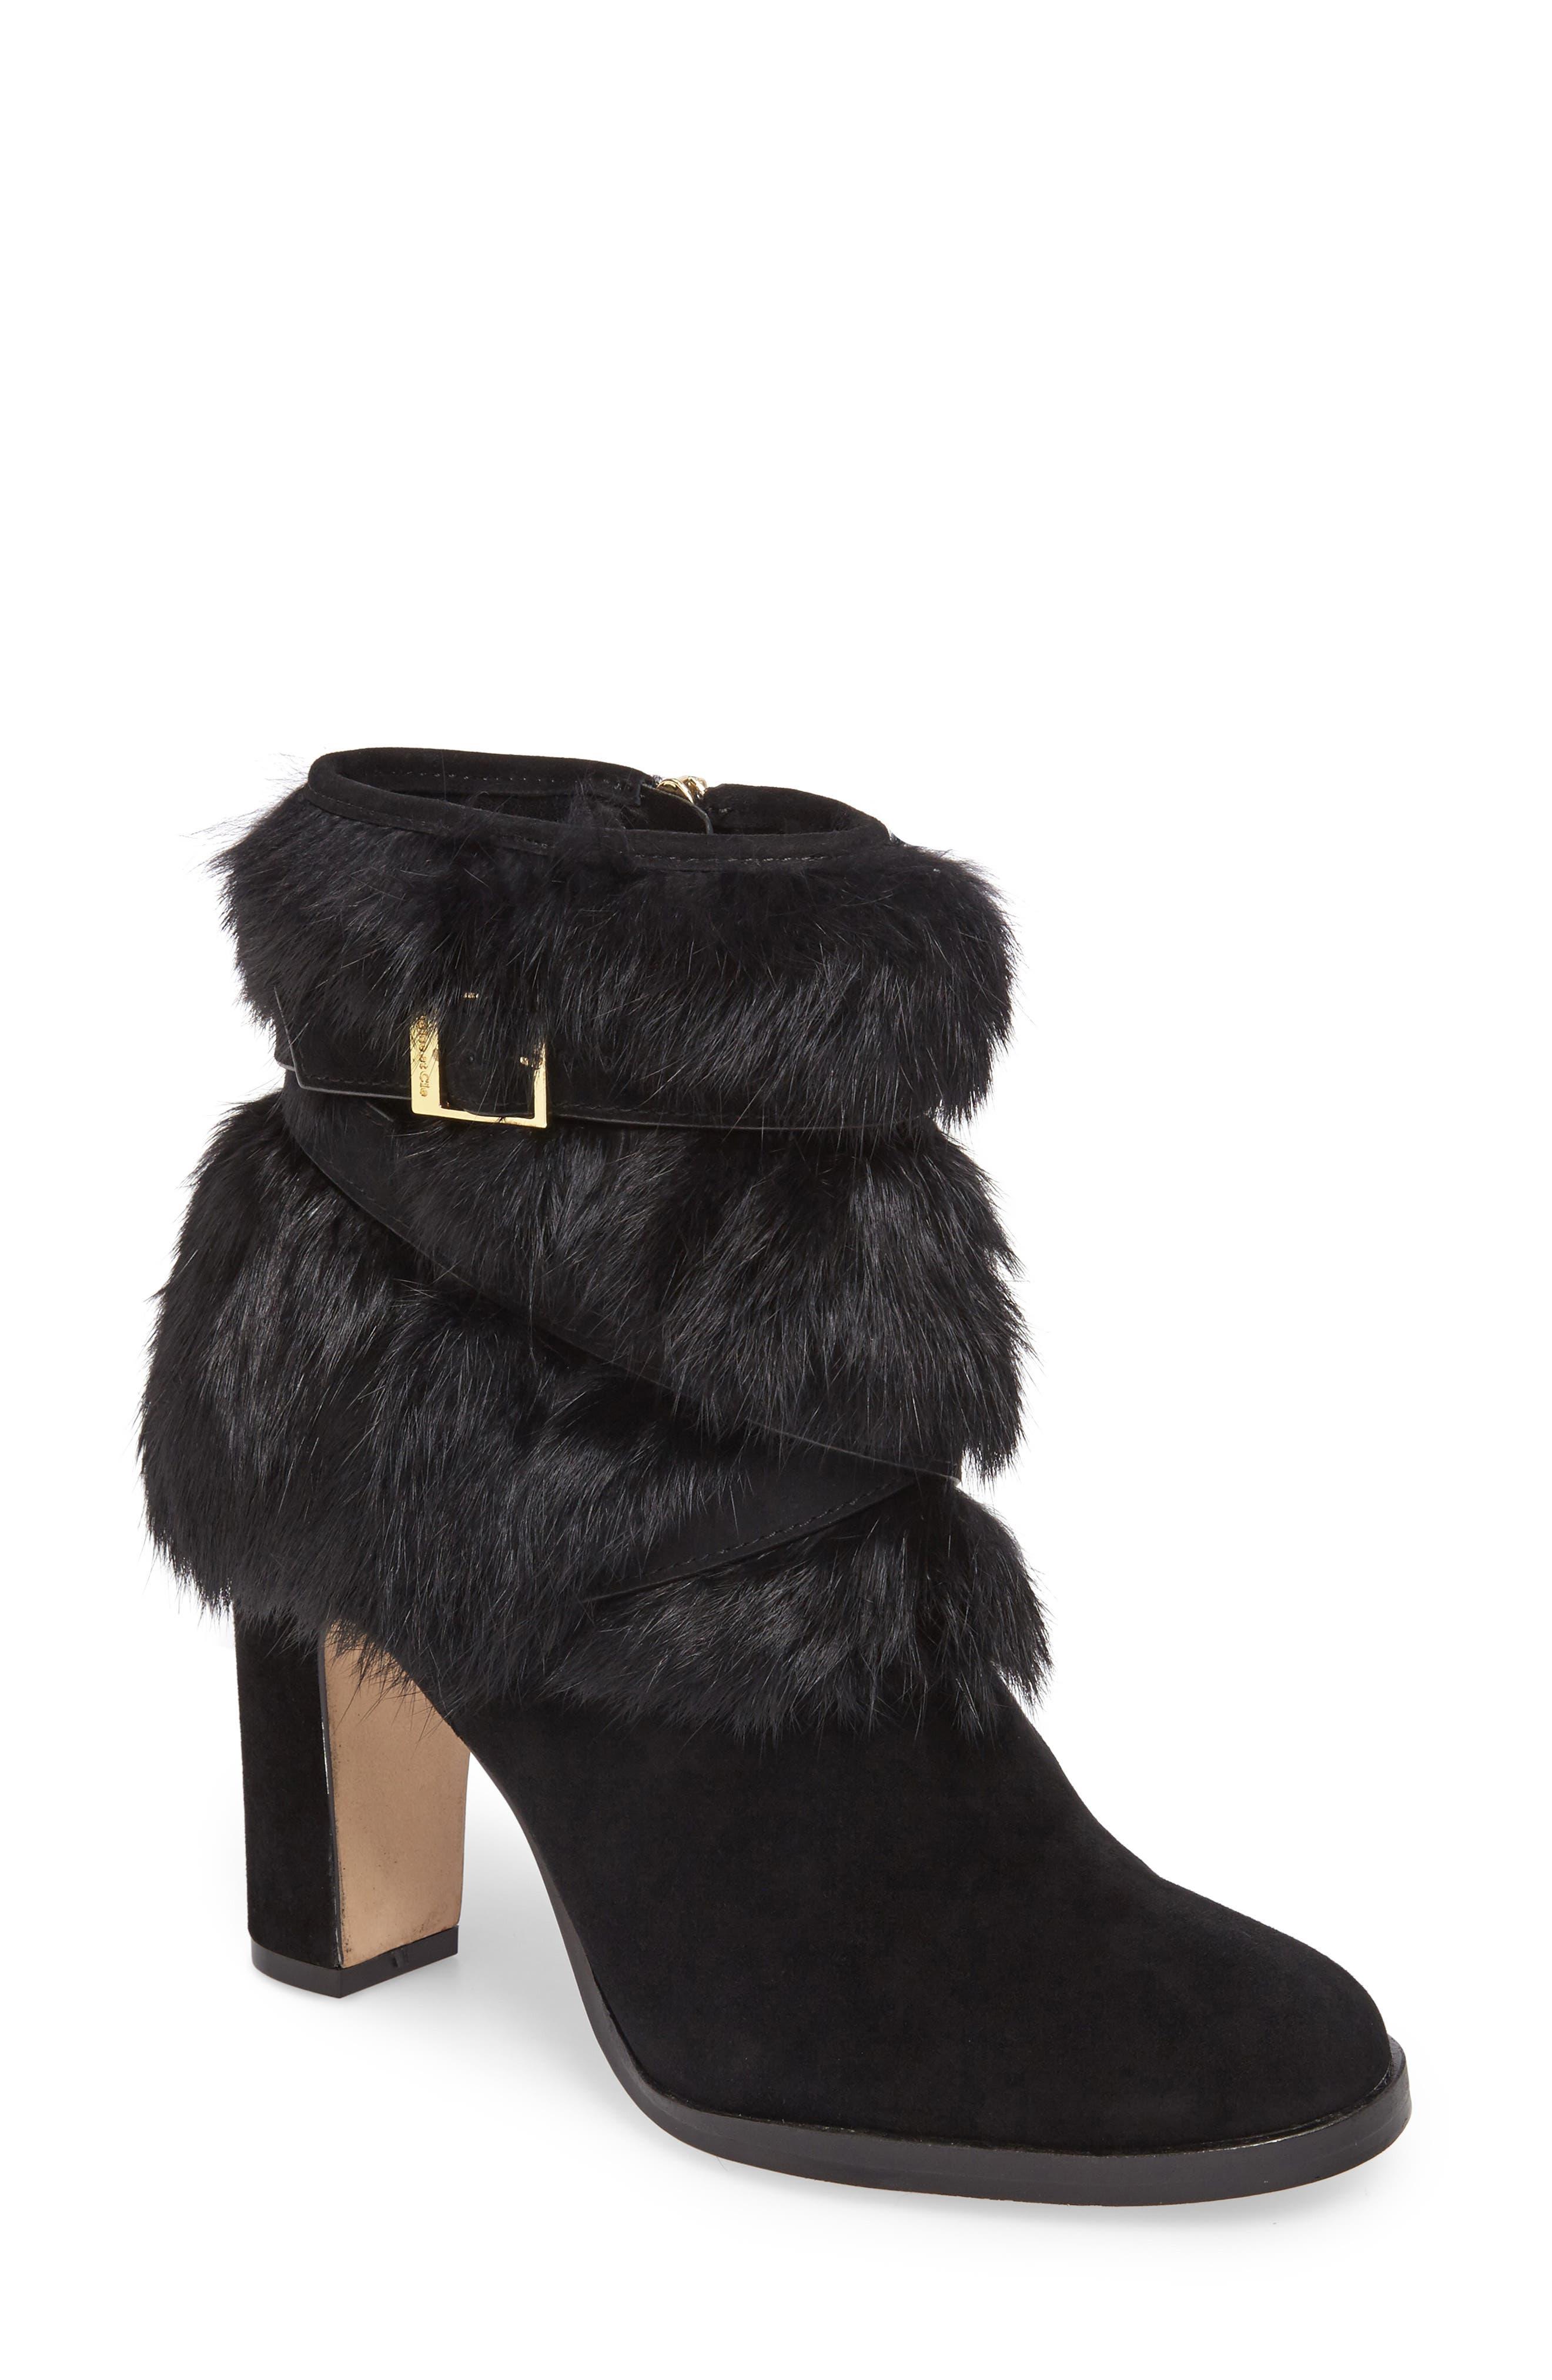 Yuma Genuine Rabbit Fur Bootie,                         Main,                         color, Black Suede